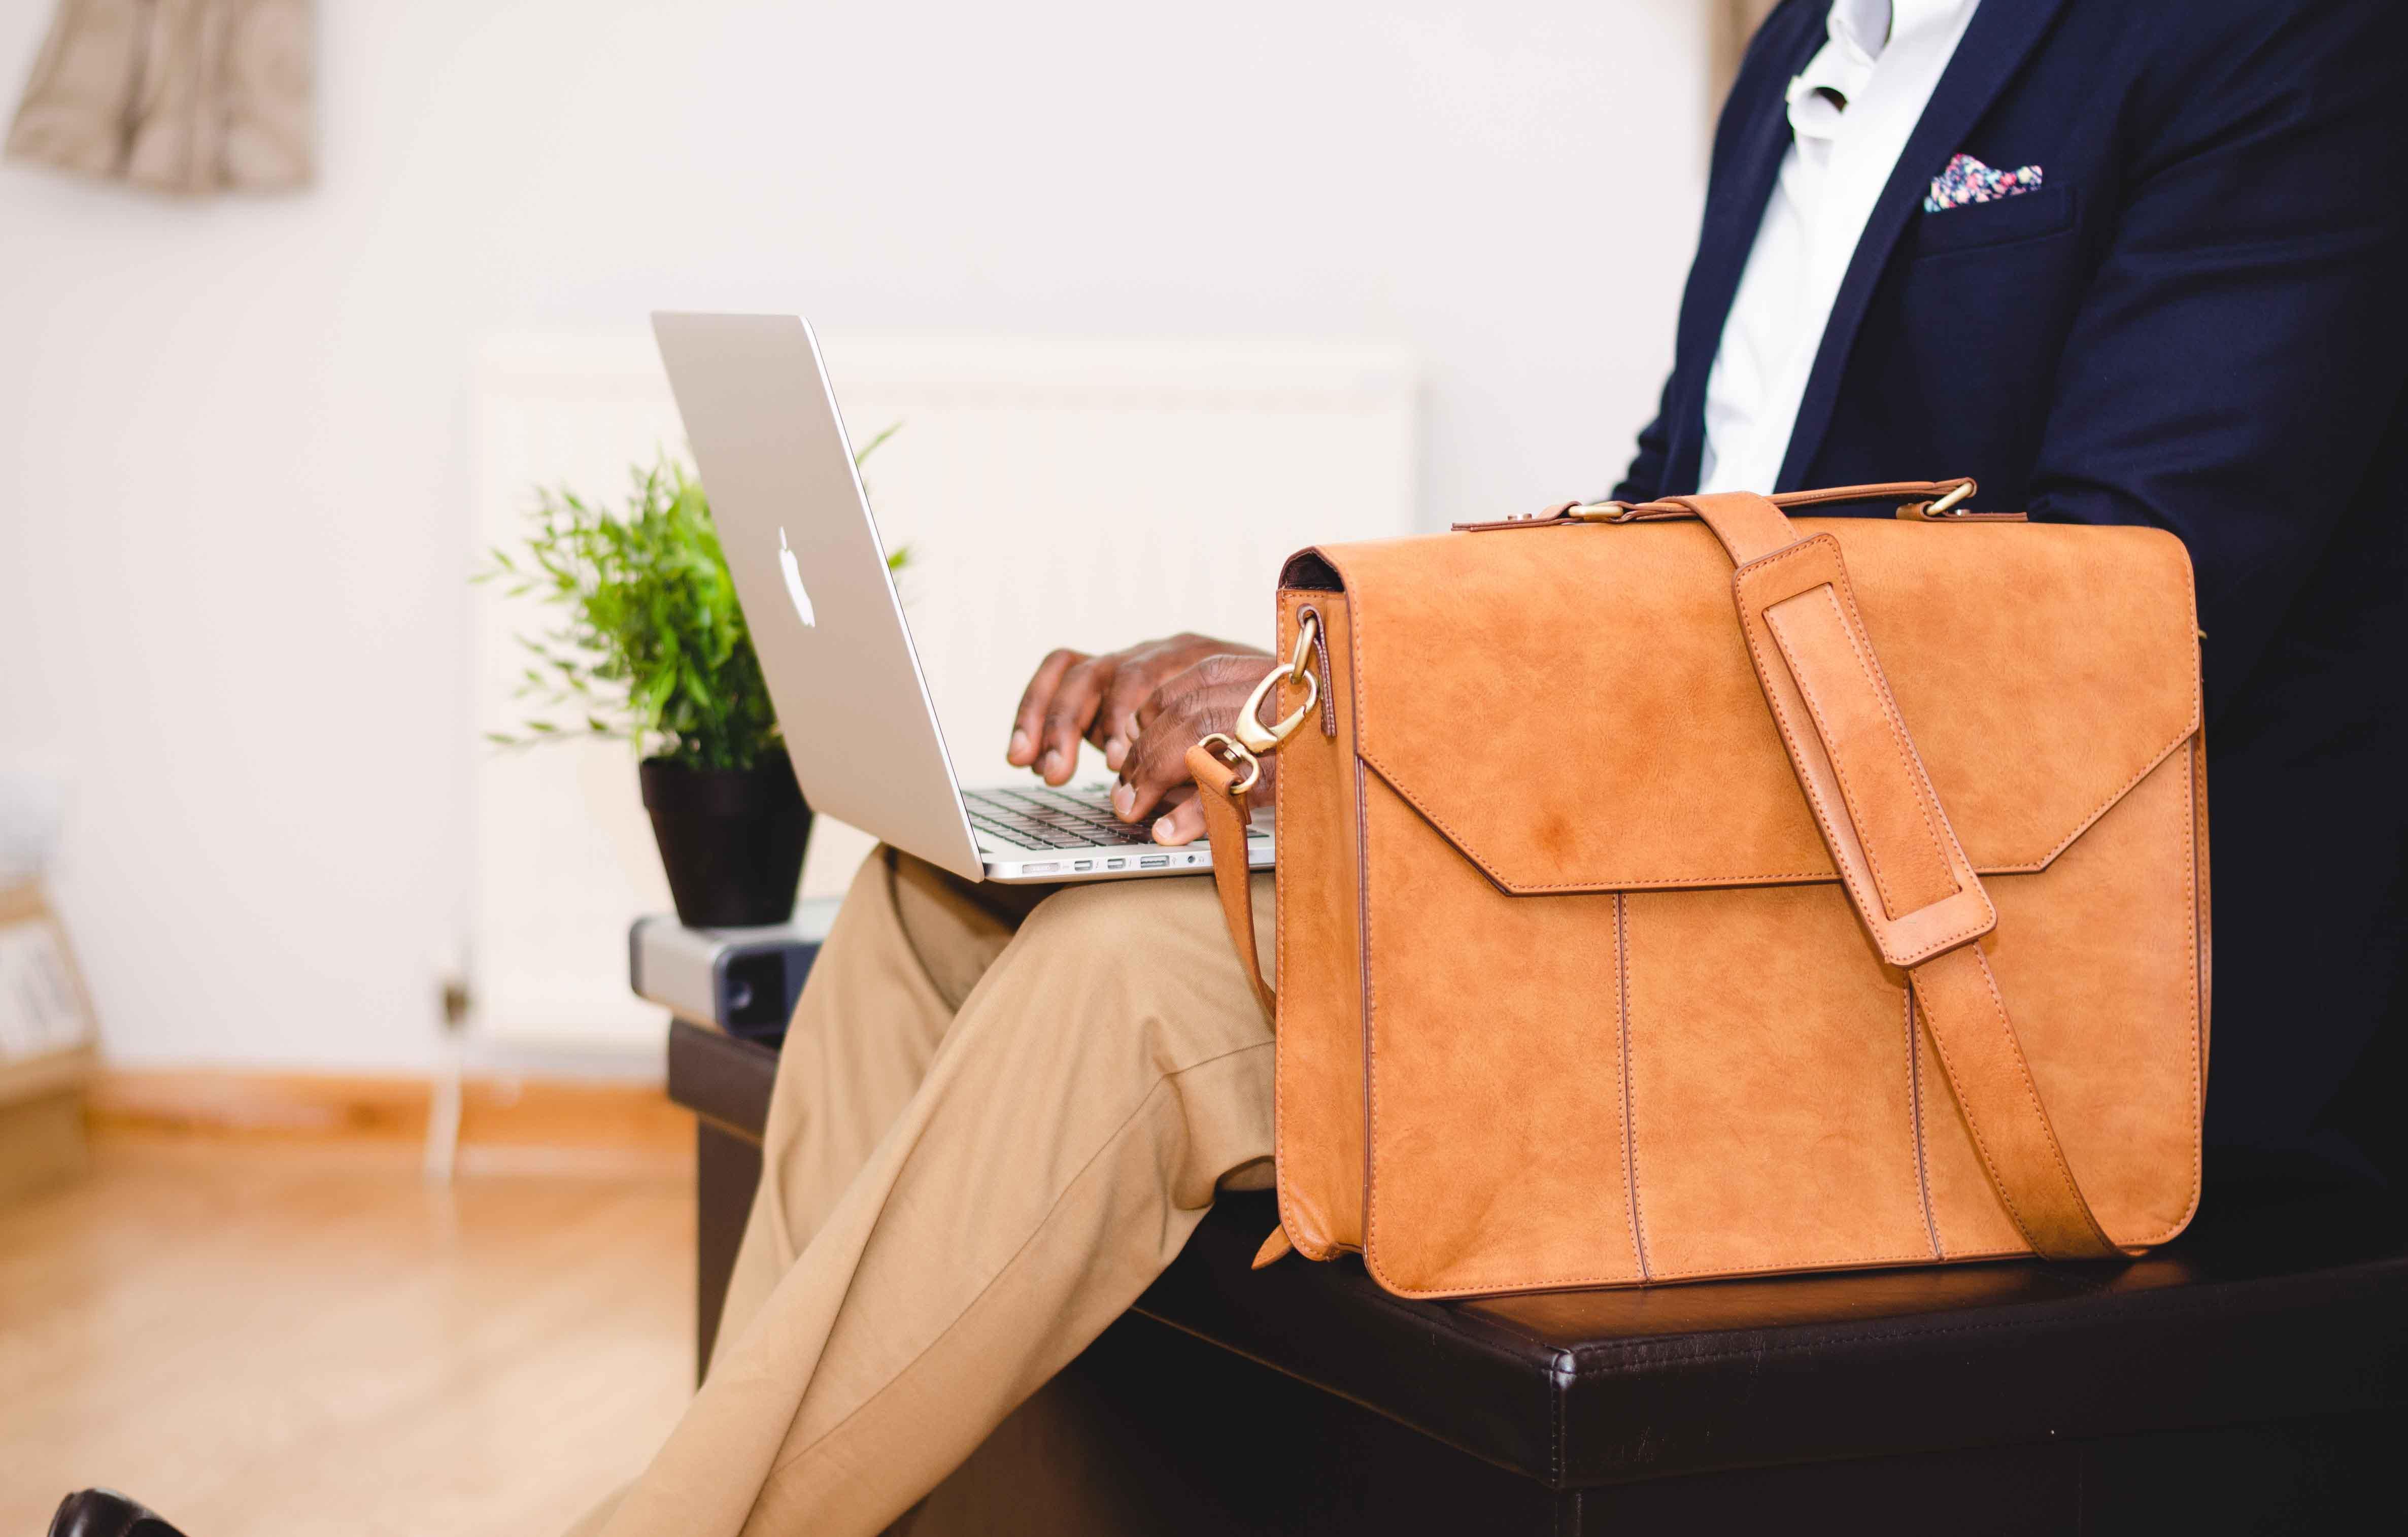 Haal meer uit je fysieke winkels met online marketing - 4 tips